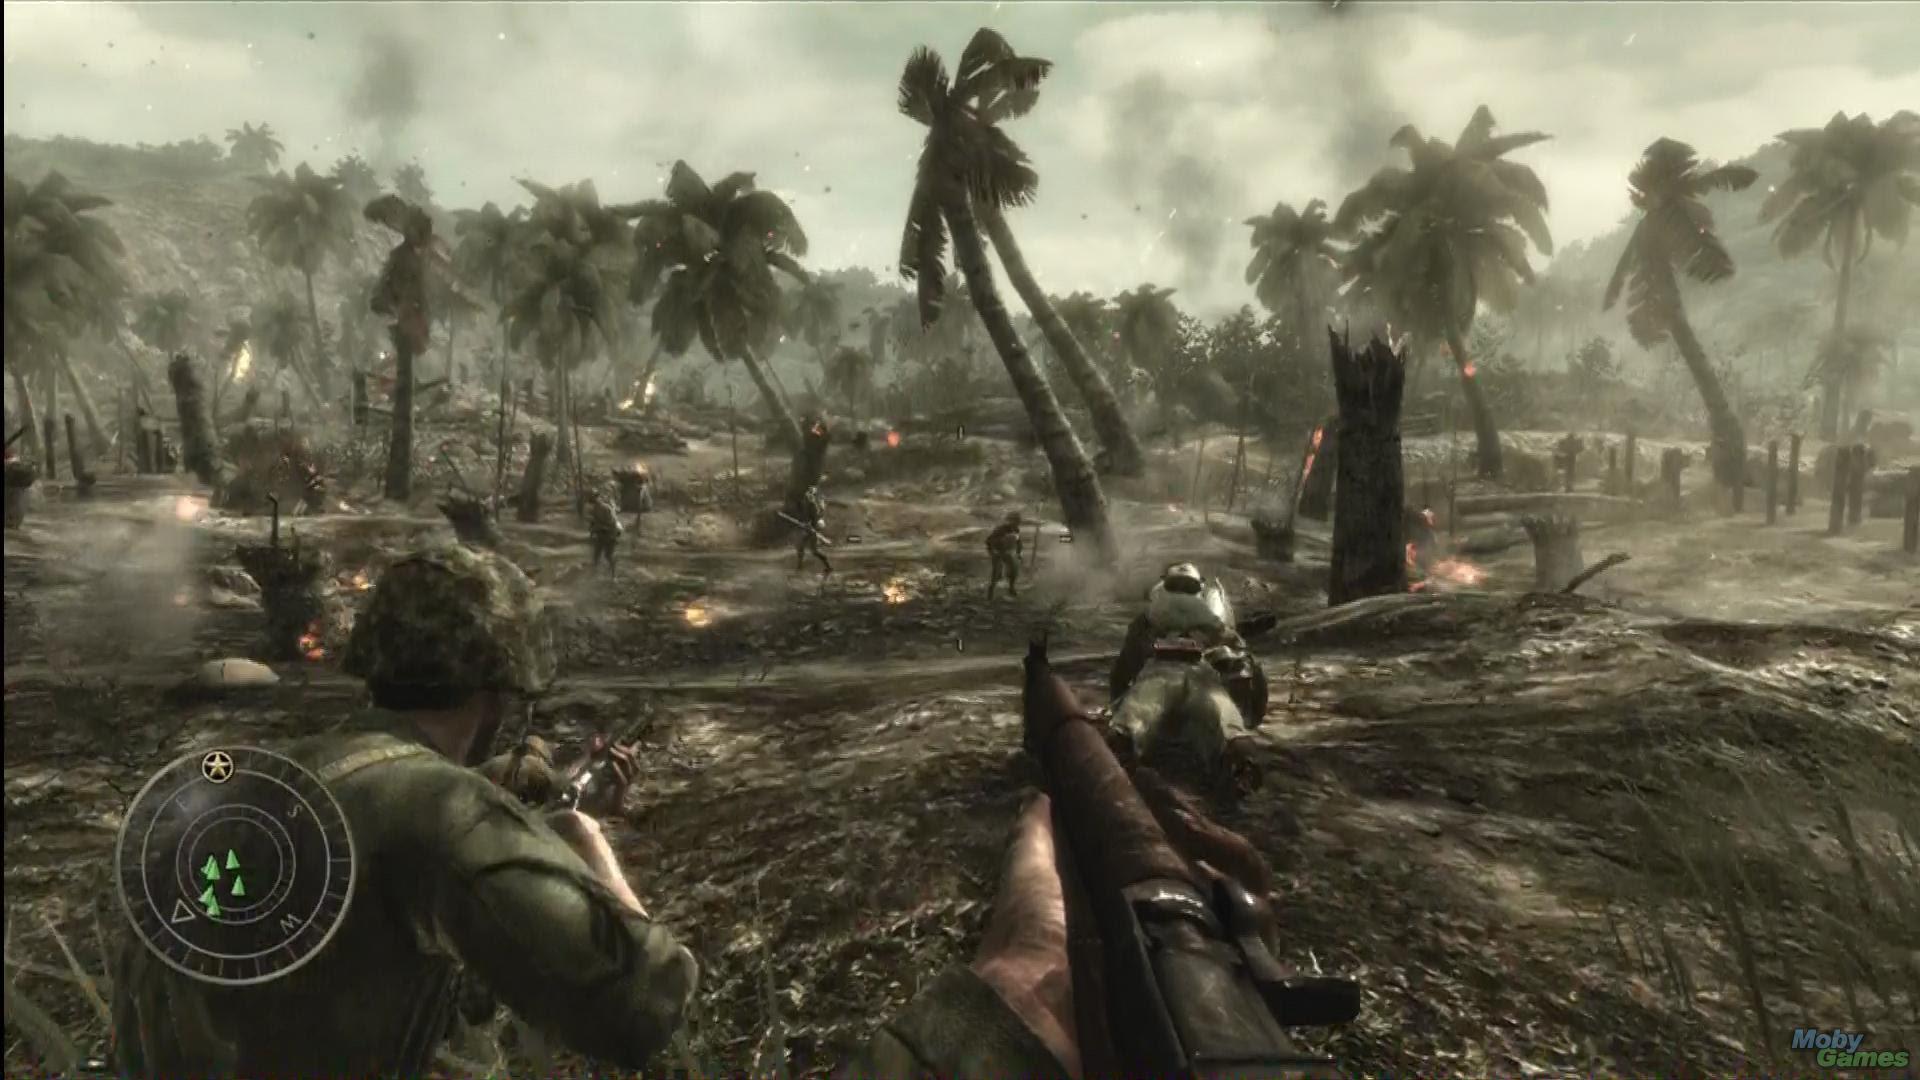 Call Of Duty World At War Wallpaper 1920x1080 5066